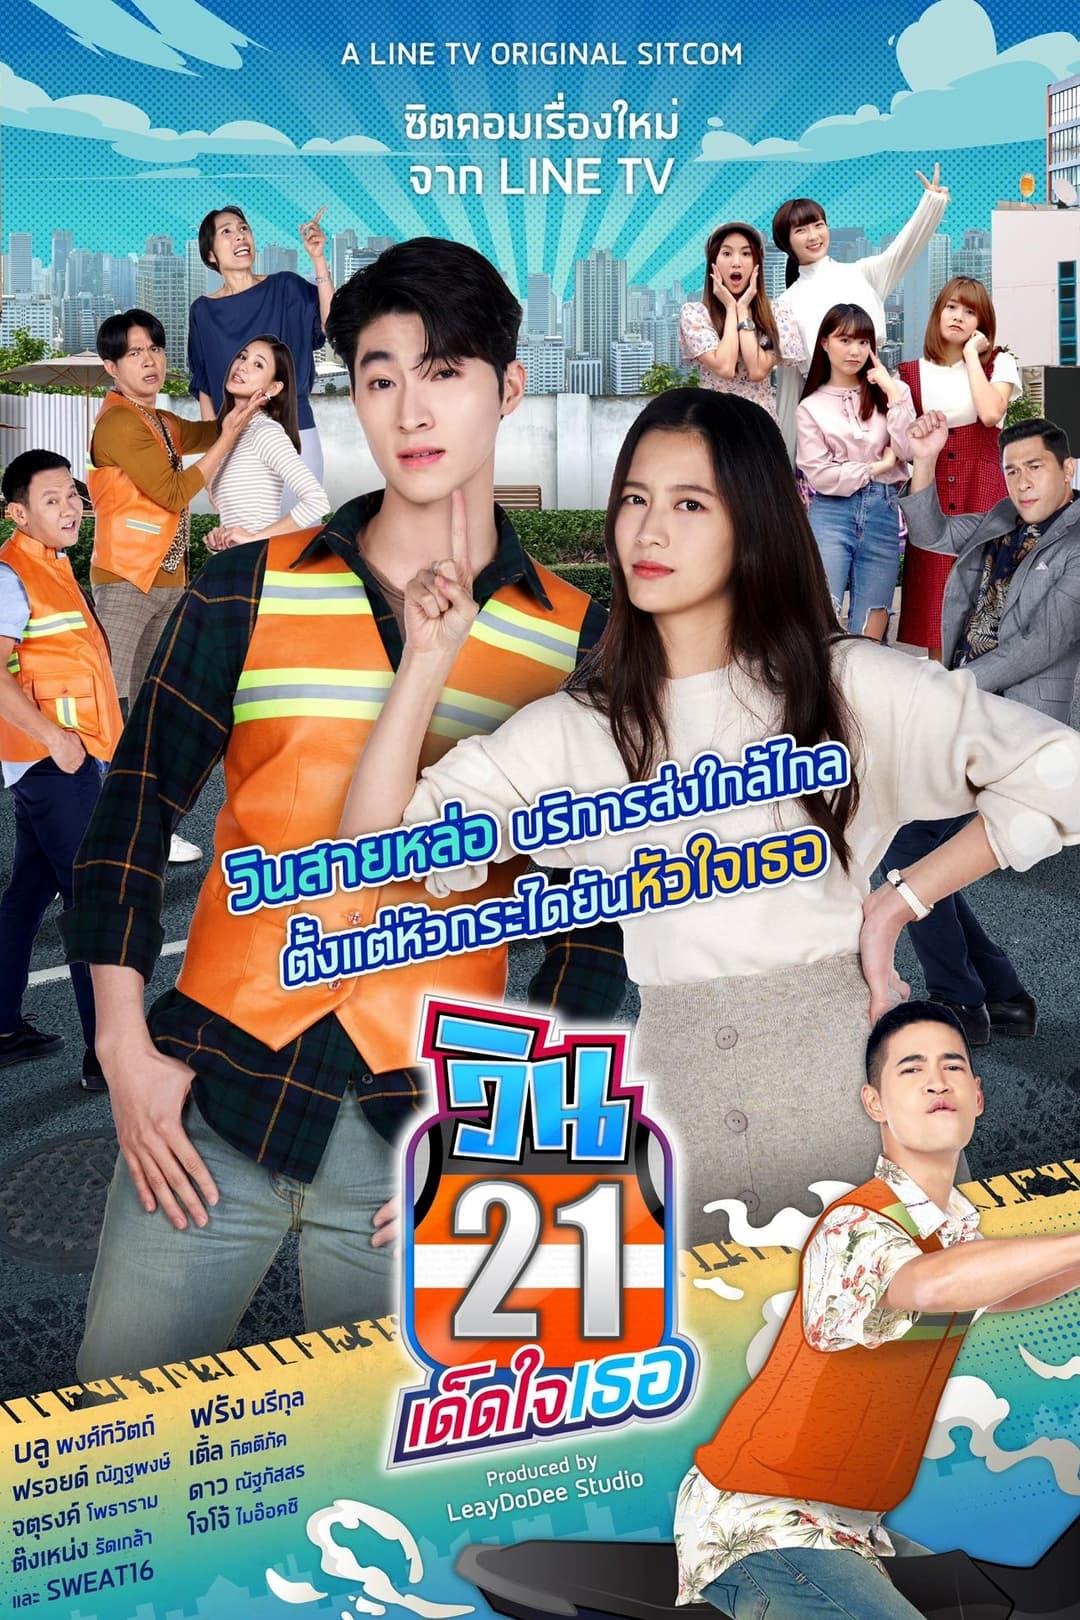 เรื่องย่อ วิน 21 เด็ดใจเธอ | ละครชิตคอม LINE TV